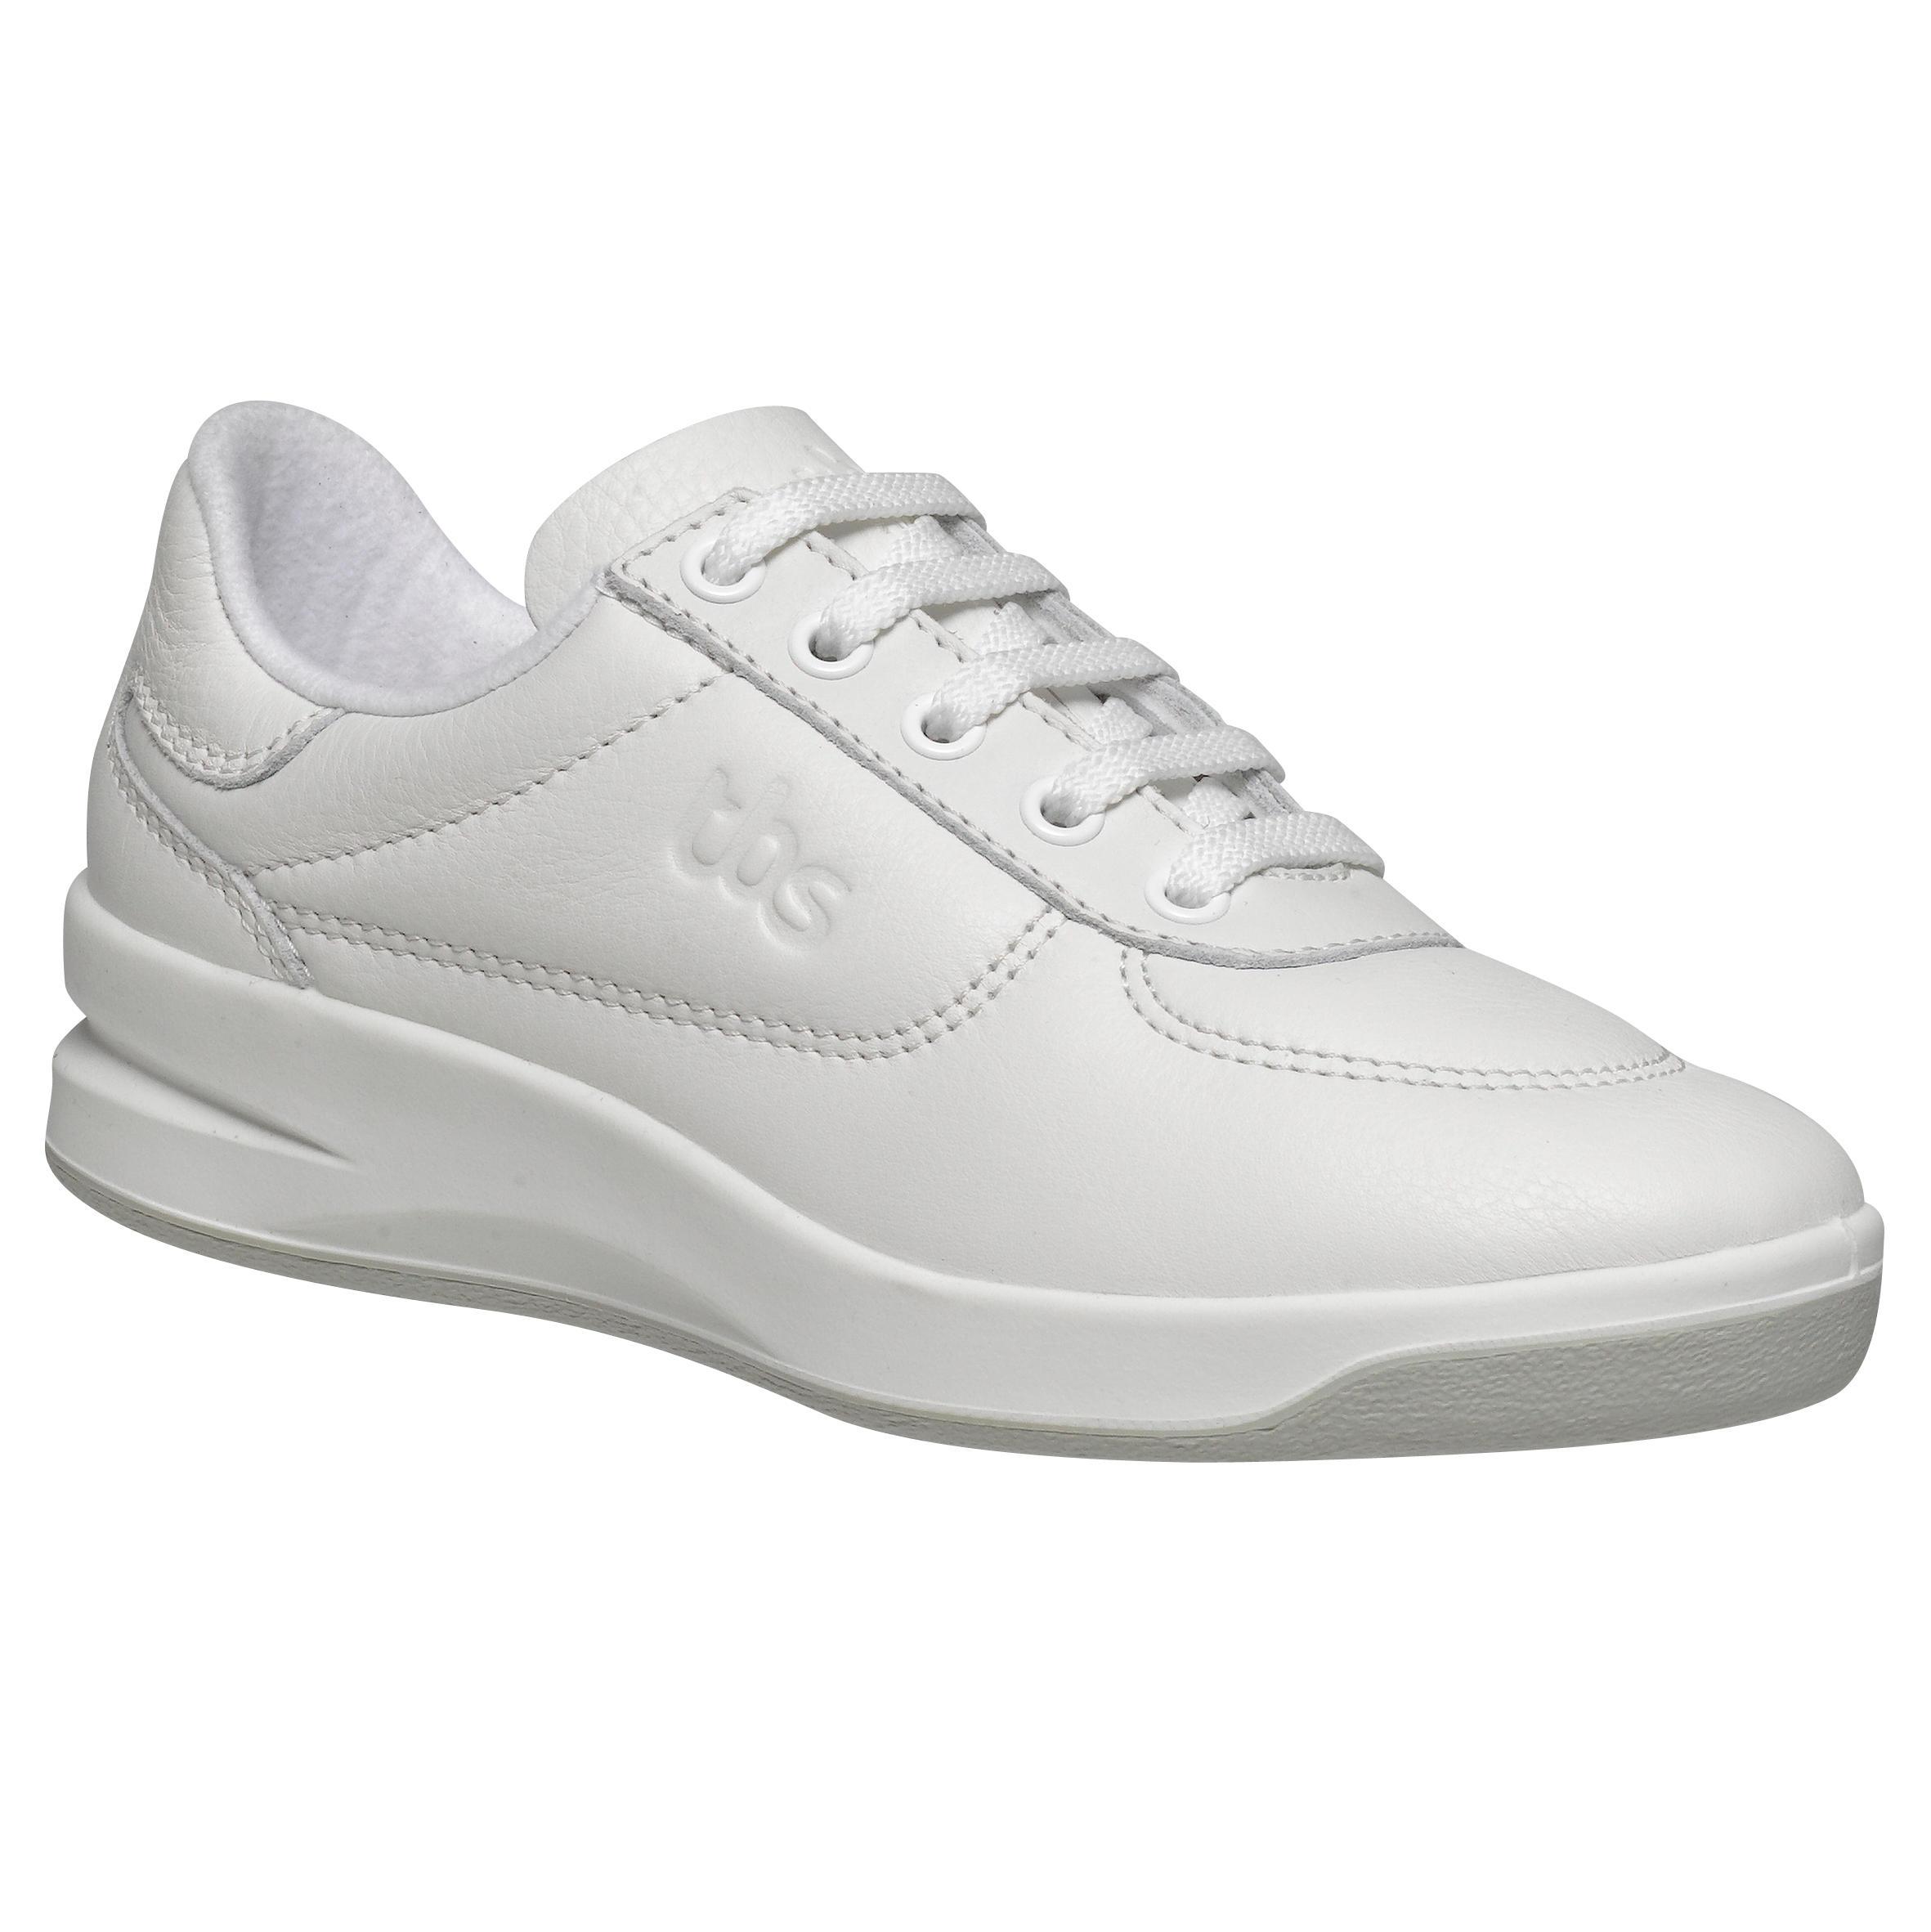 Chaussures Multisport Indoor Femme TBS Oxygen